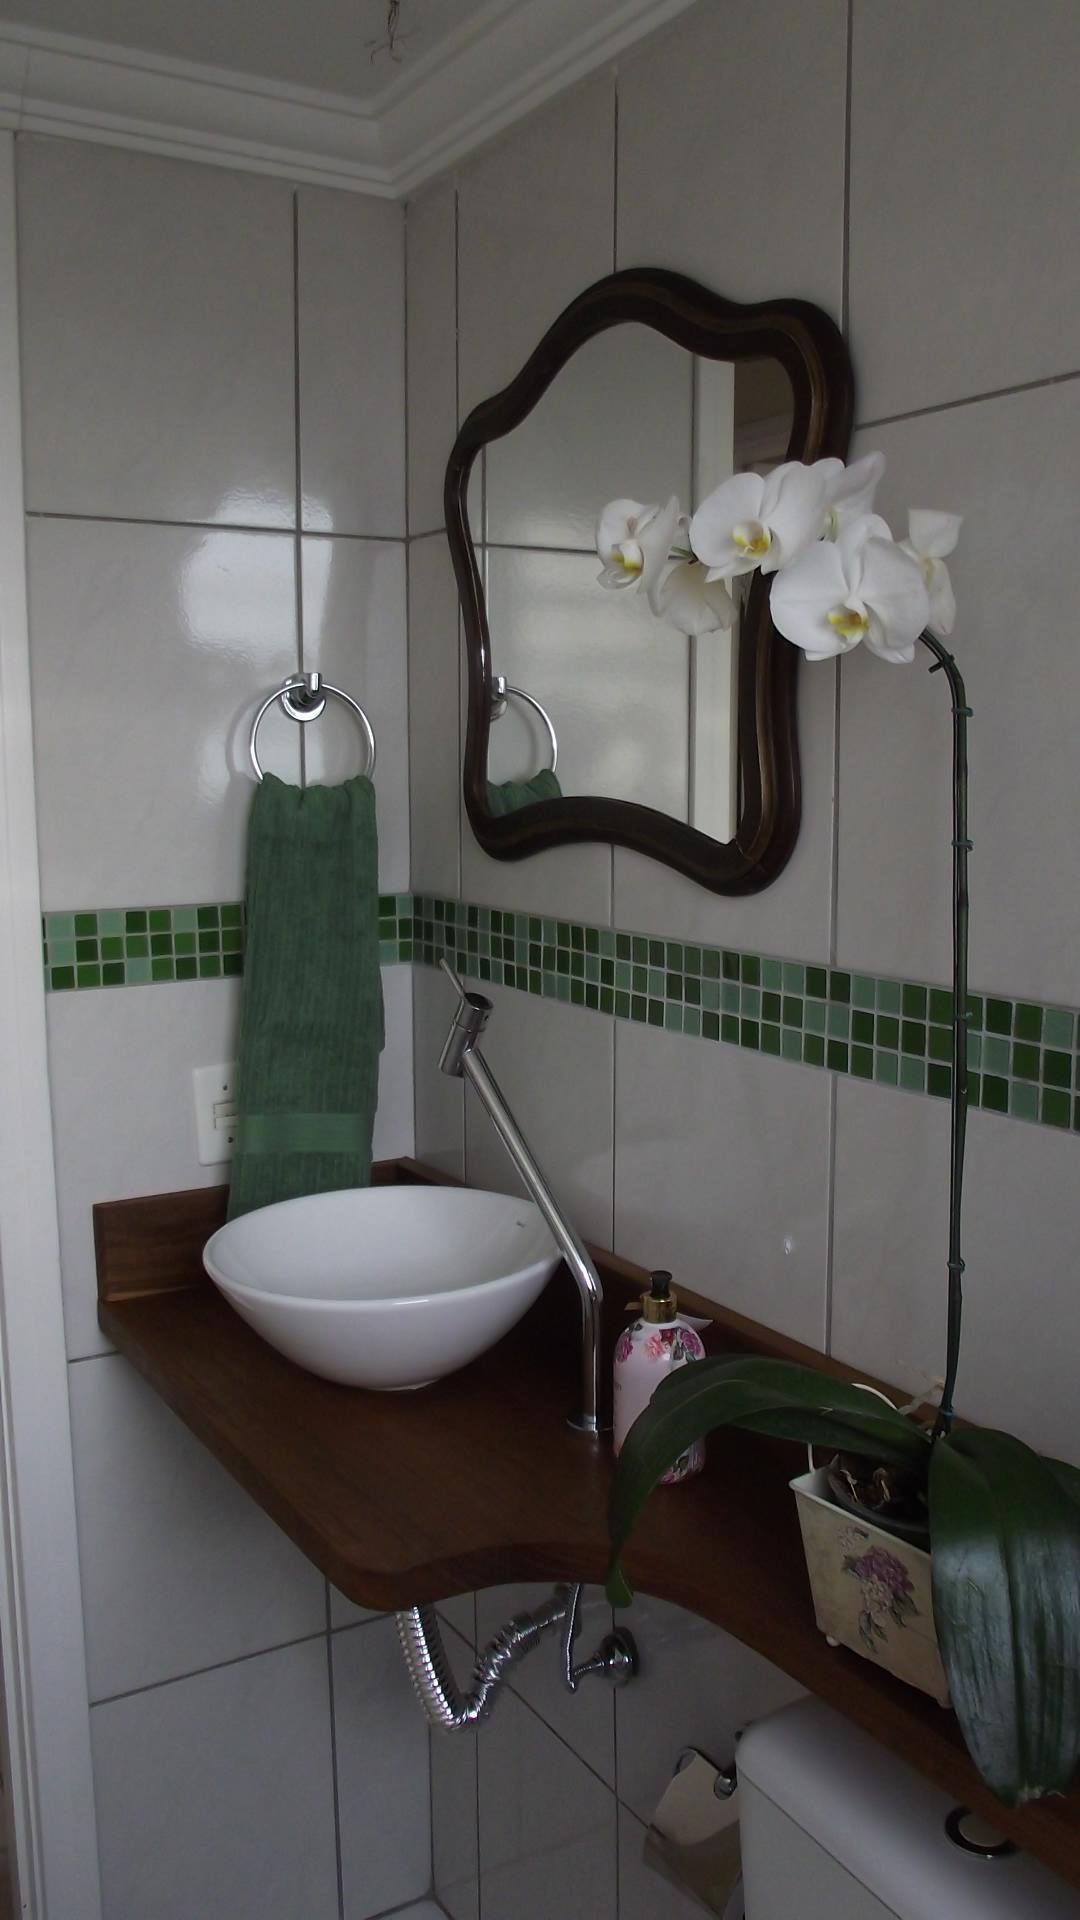 Banheiros Medidas Importantes Se Fosse Na Minha Casa